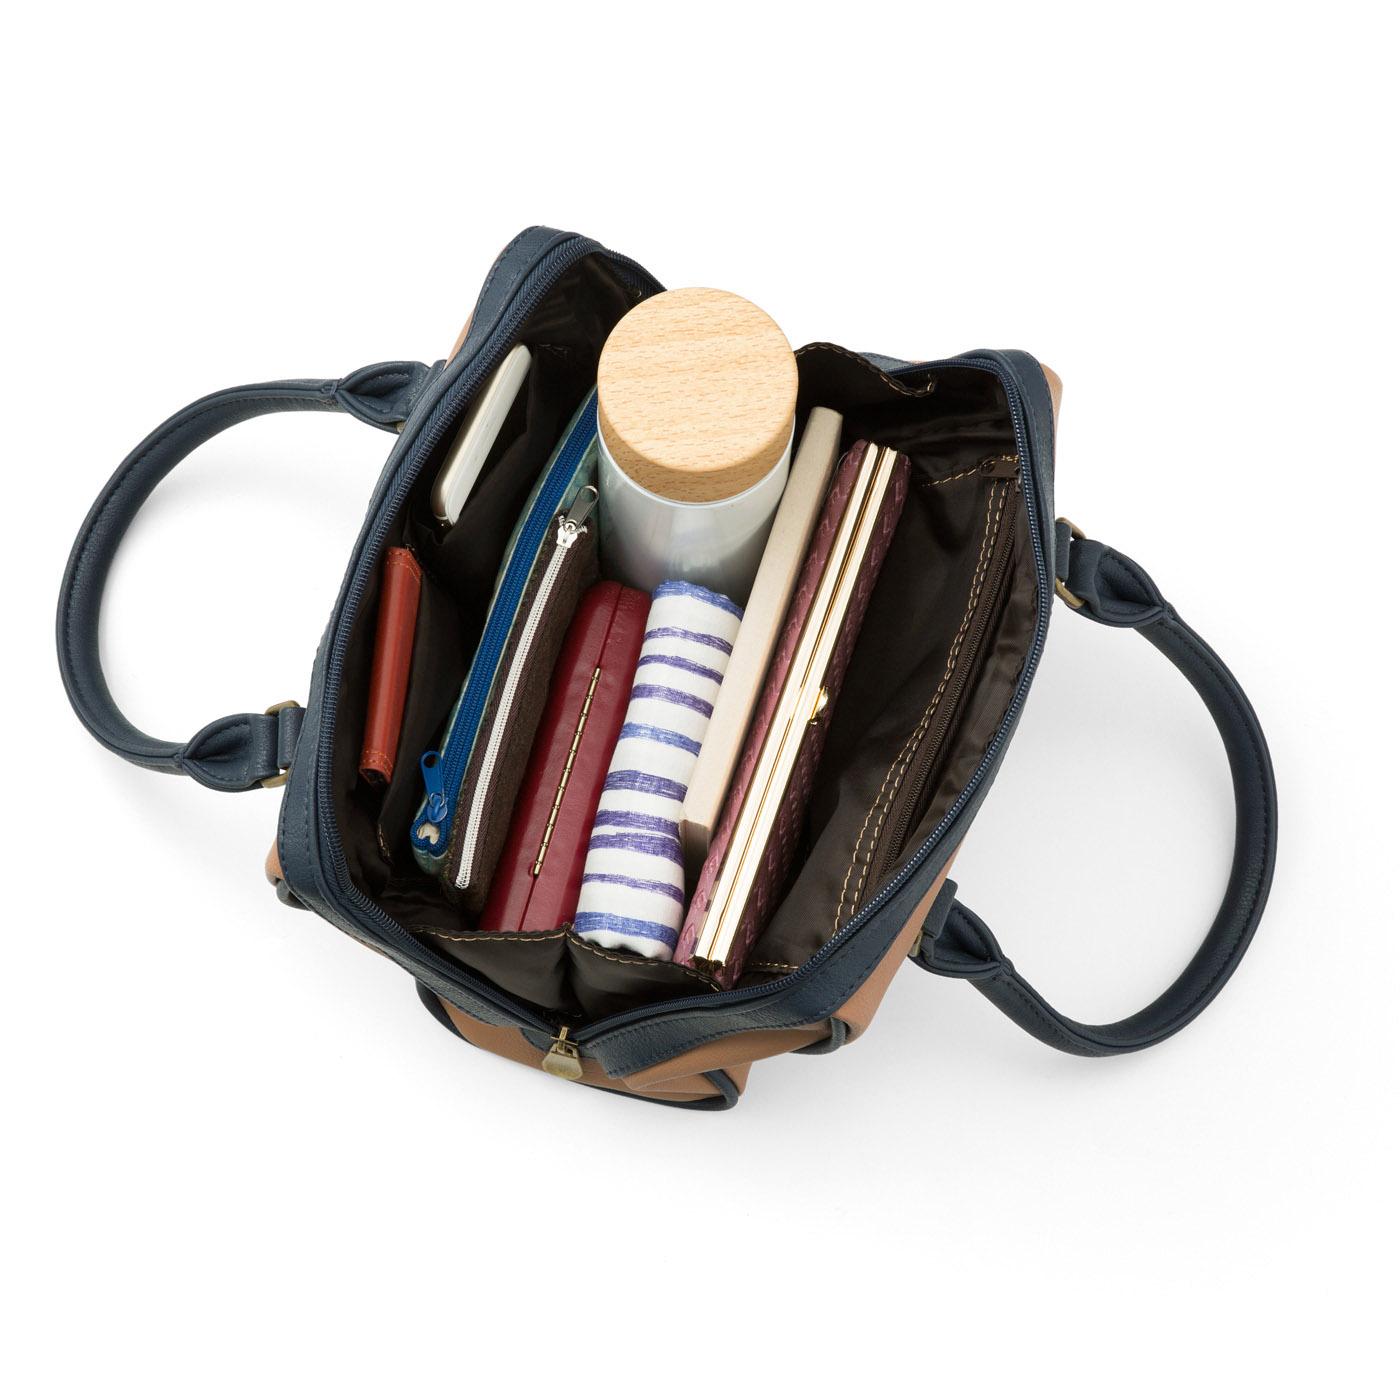 お出かけ必需品がしっかり収納できるサイズ。大・小3つの内ポケット付き。